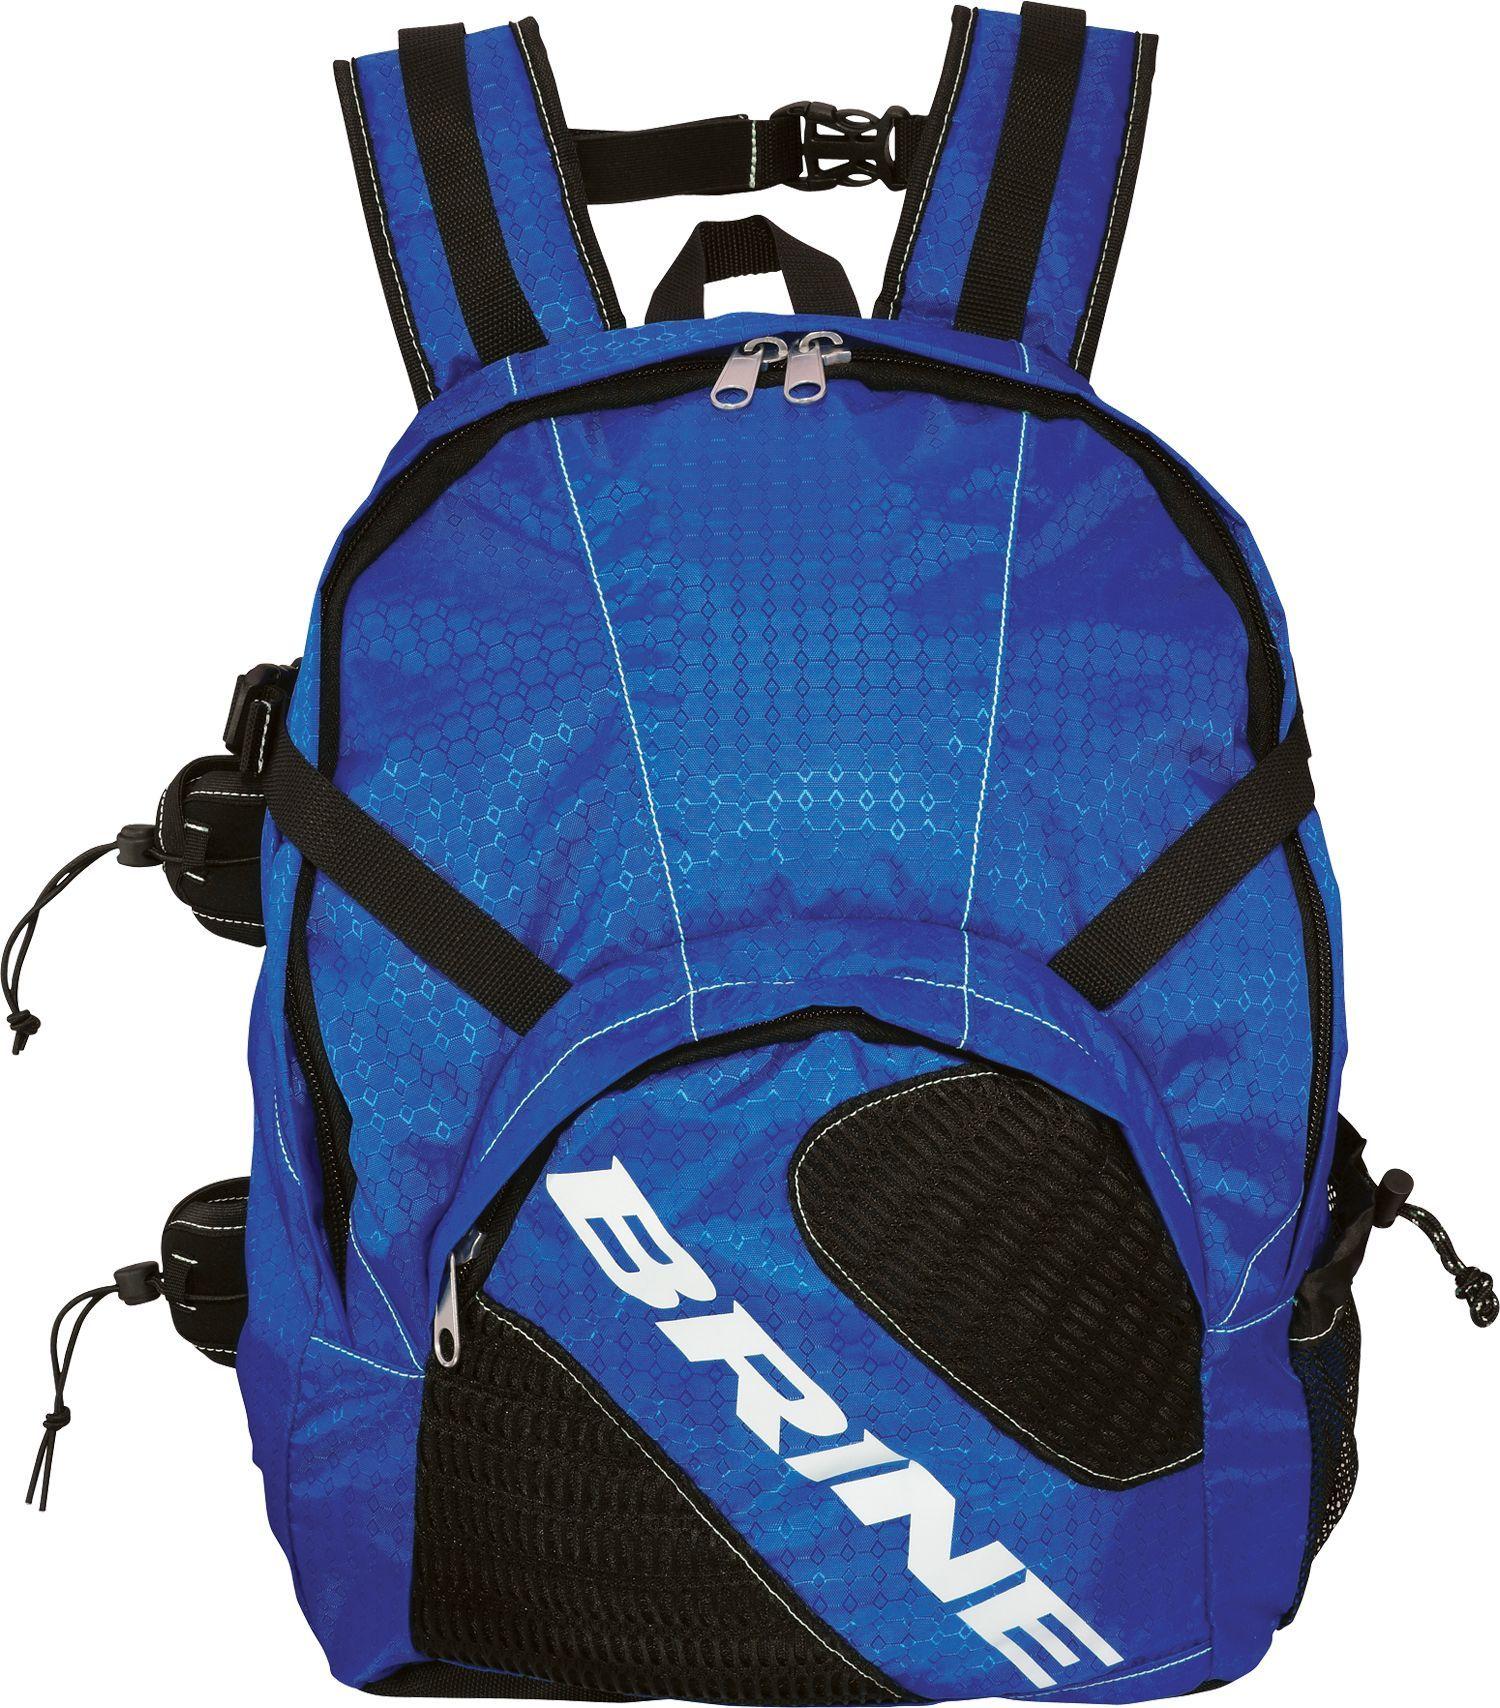 Brine jetpack lacrosse backpack blue lacrosse backpacks